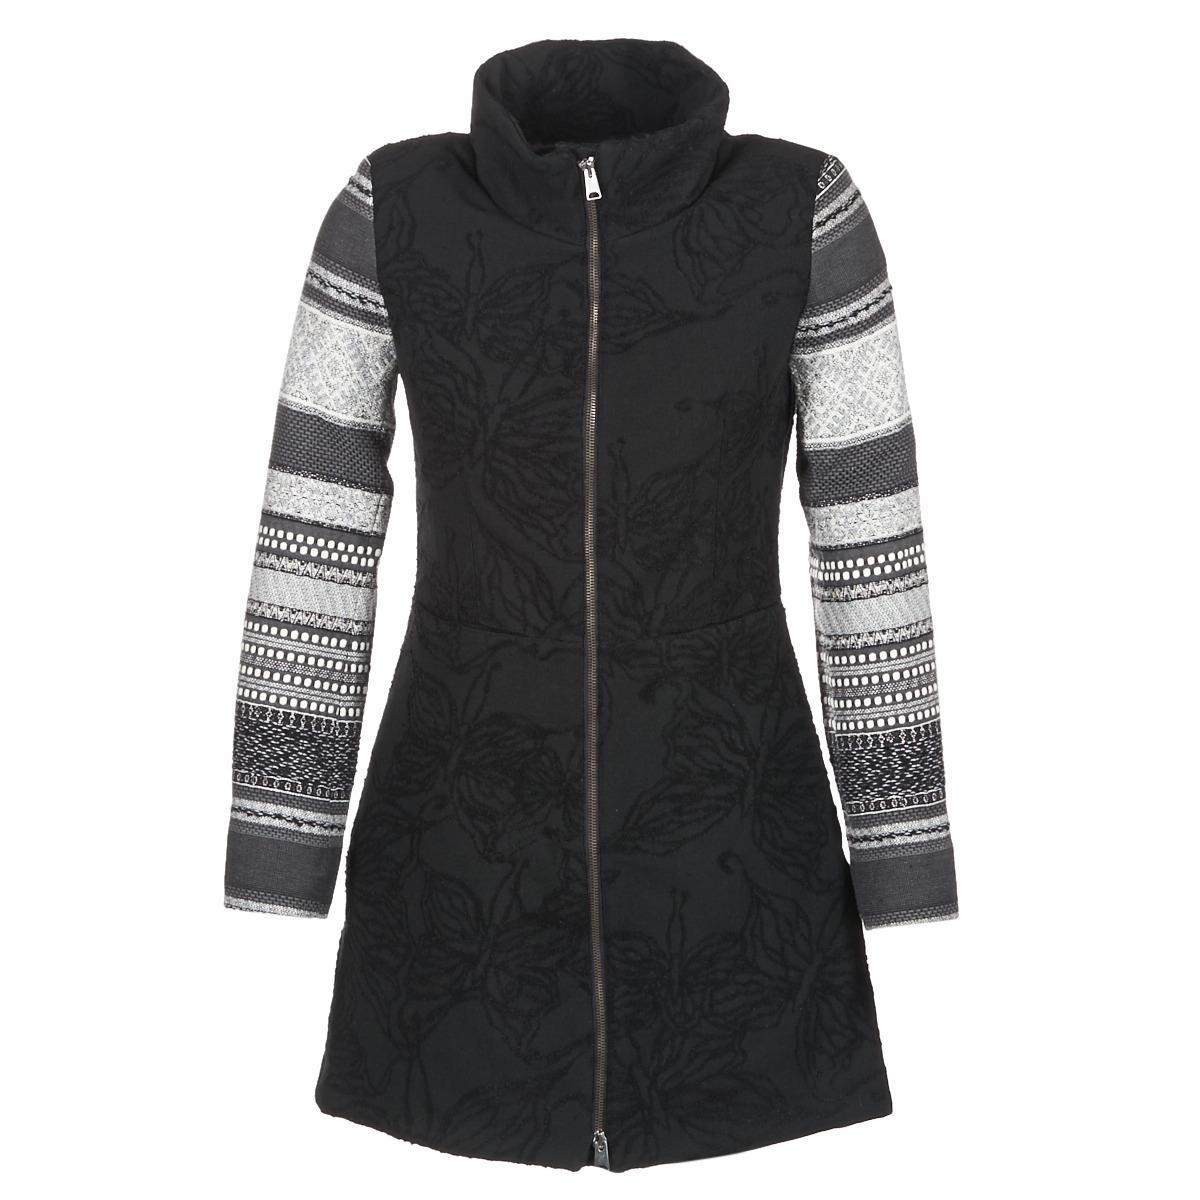 Desigual Grame Noir - Livraison Gratuite Vêtements Manteaux Femme 162,47 €